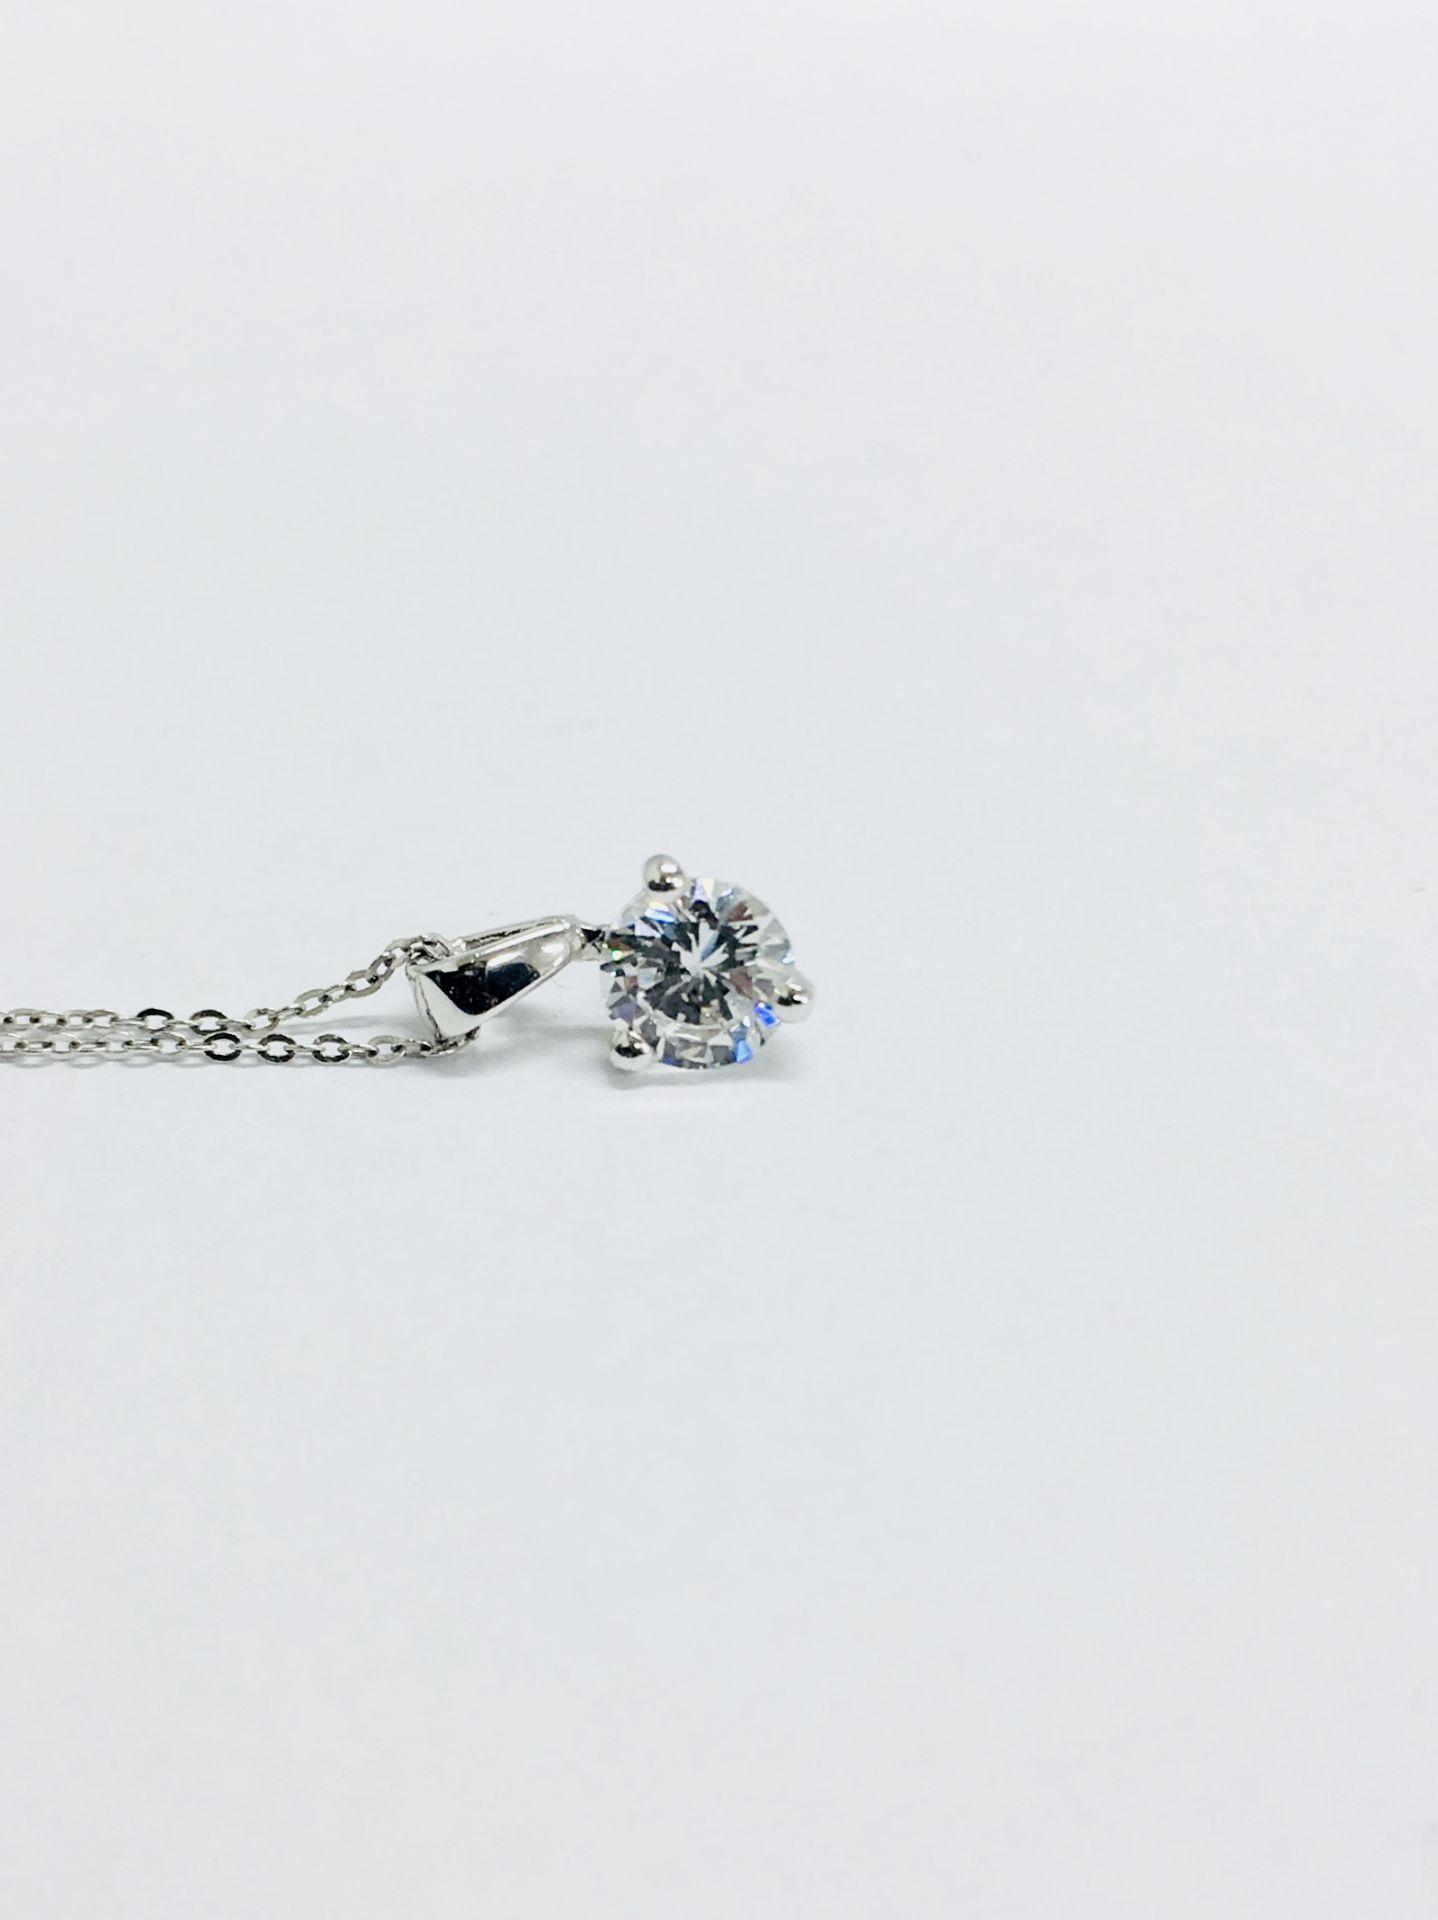 Lot 58 - 0.25ct diamond solitaire pendant set in 18ct gold. Brilliant cut diamond, I colour and si3